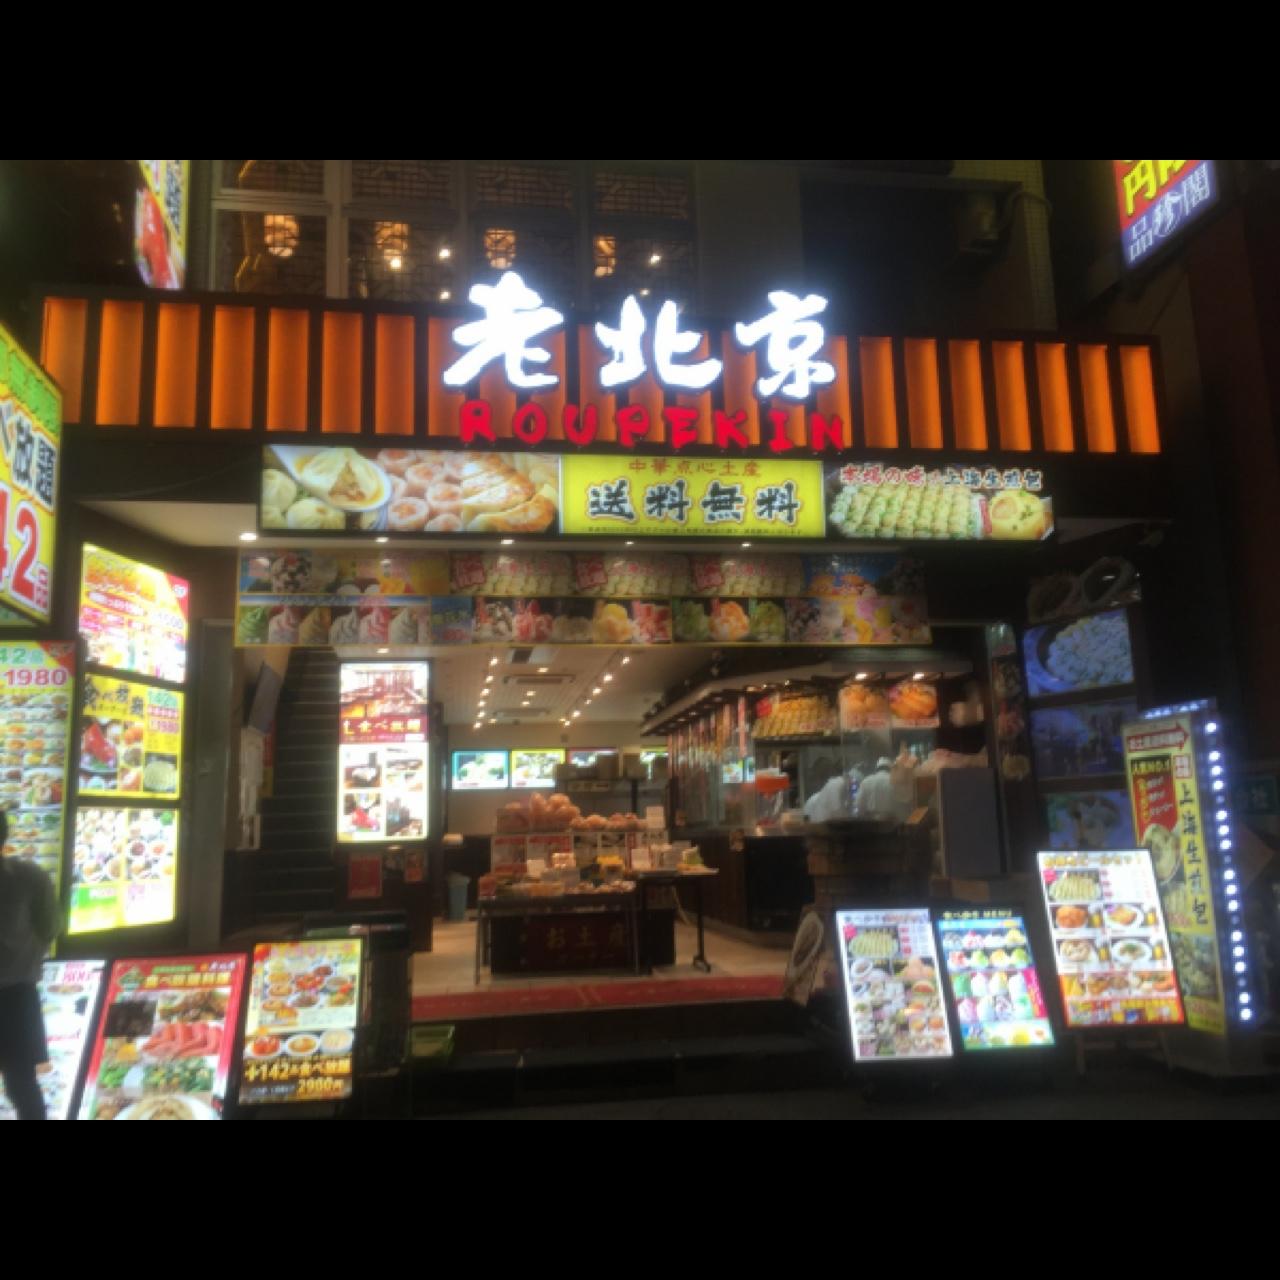 老北京 中華街本店>